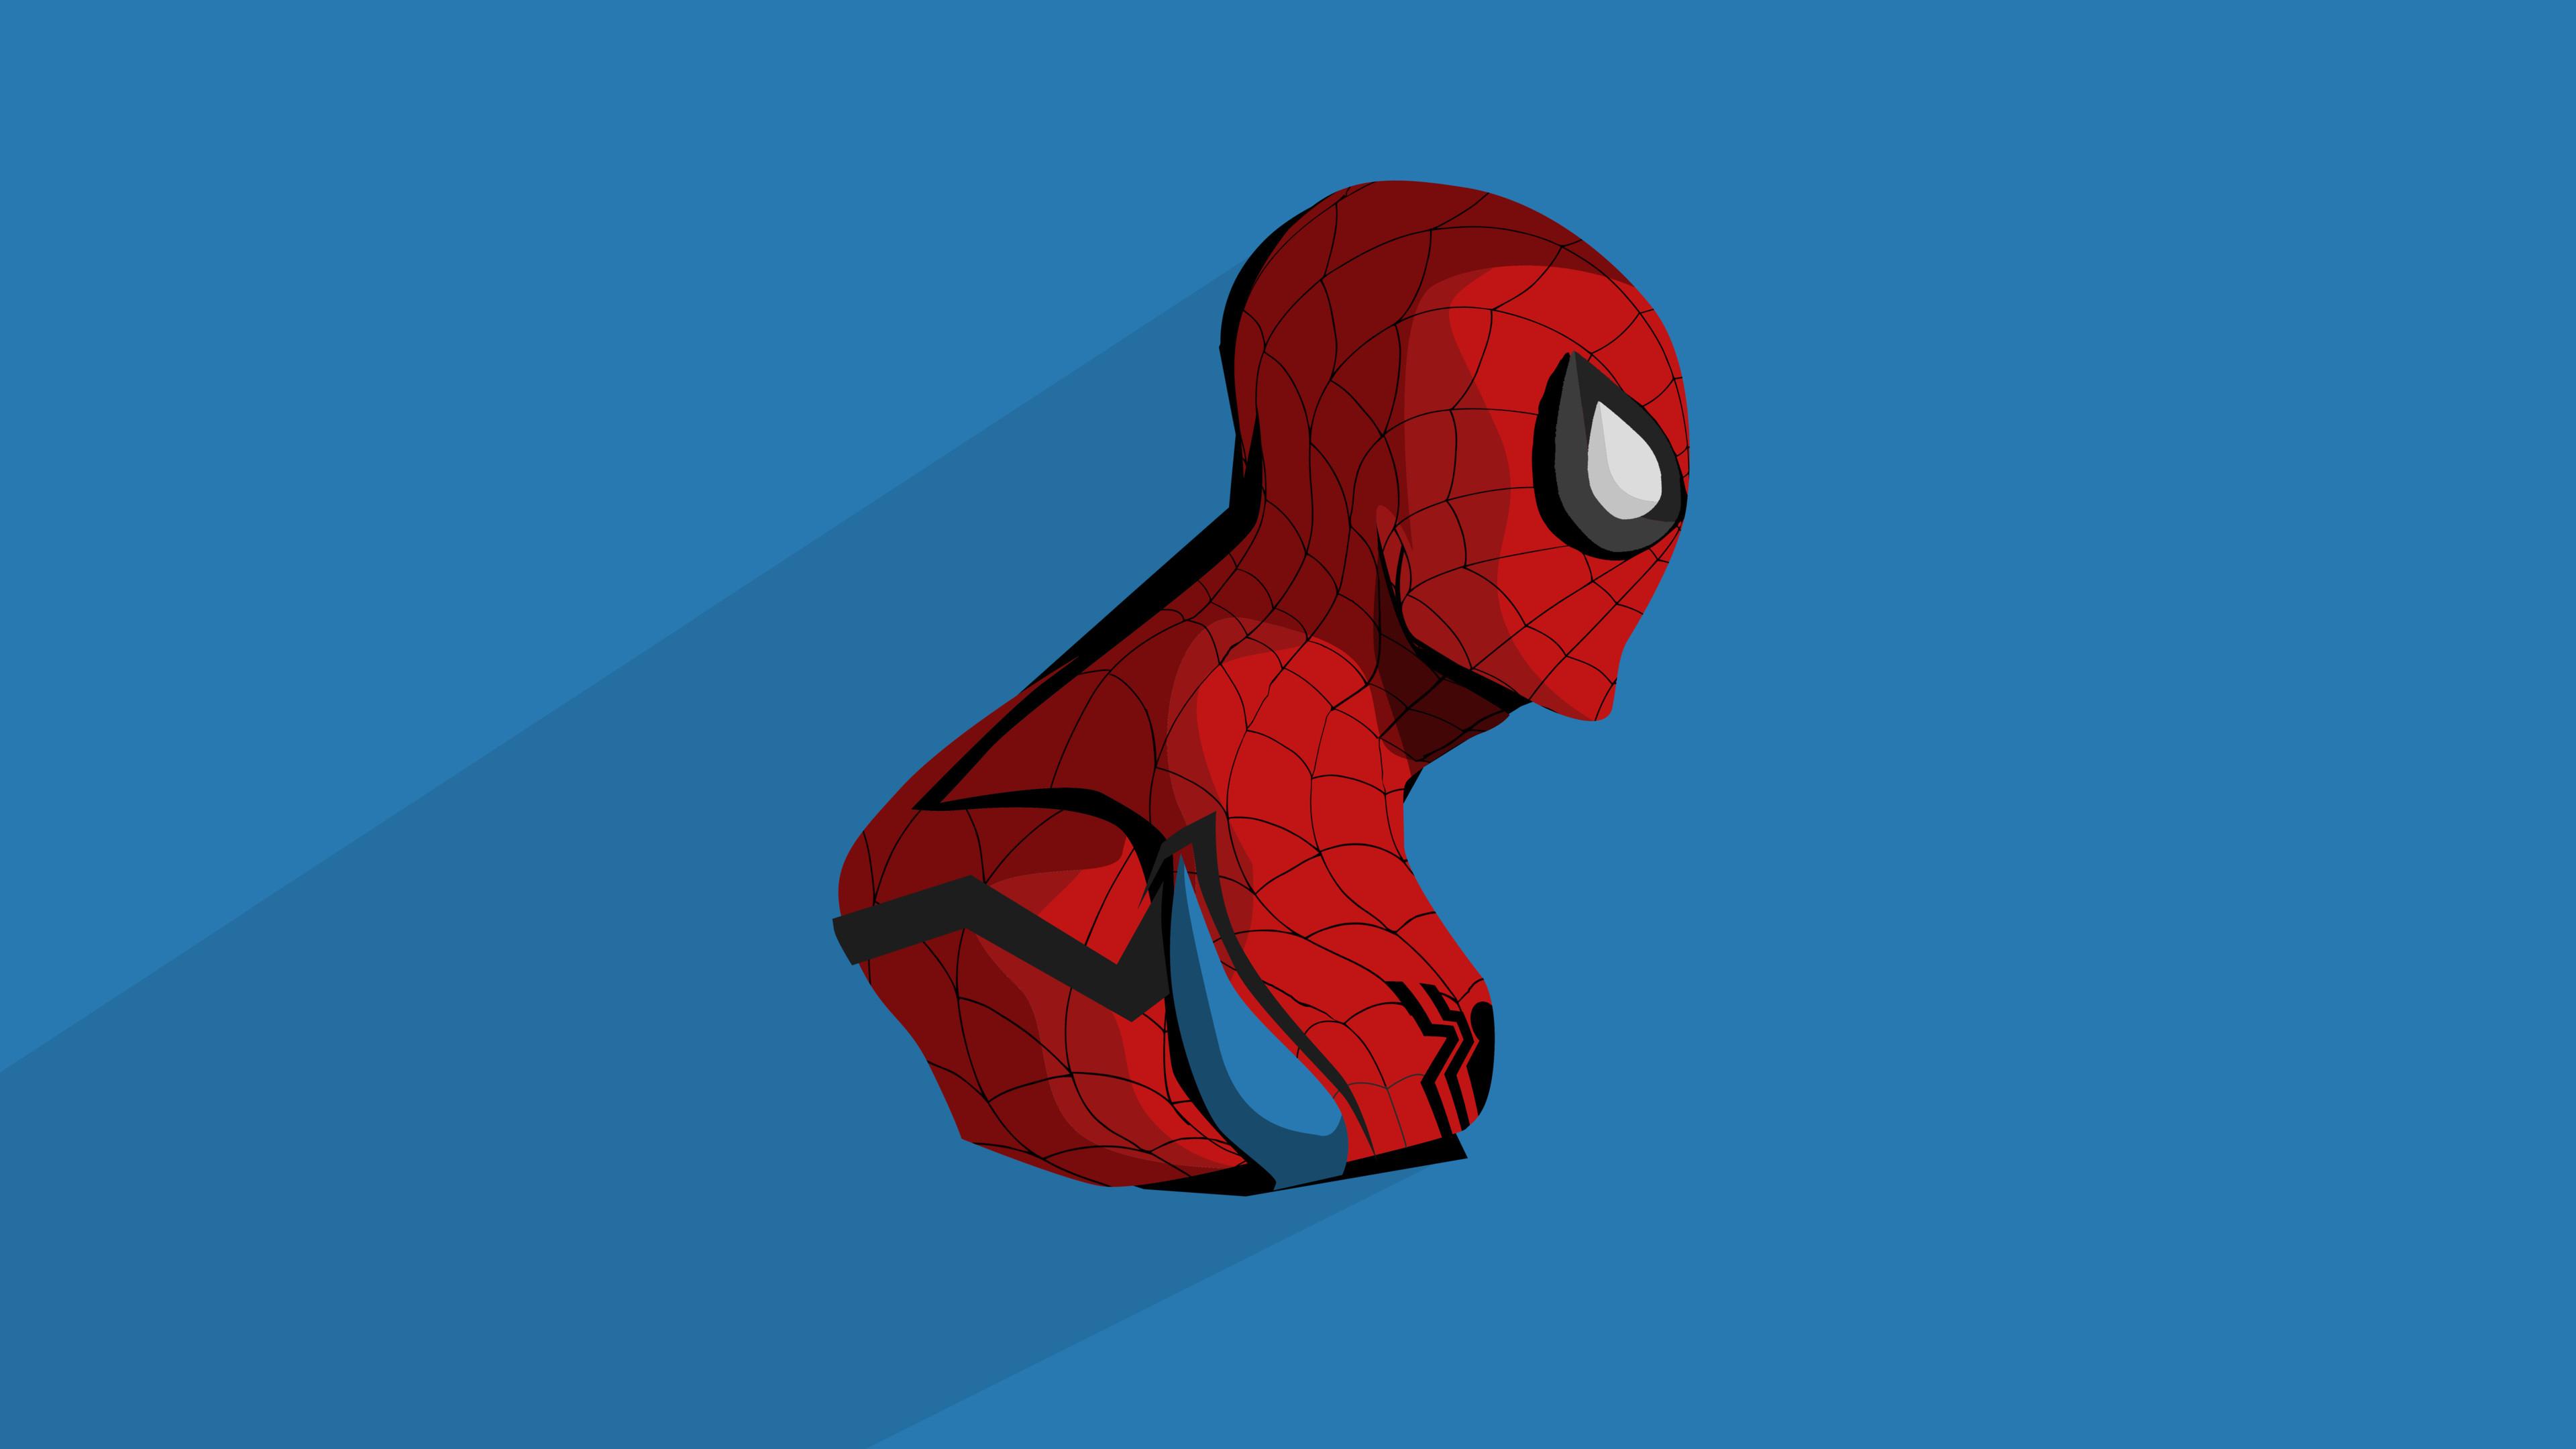 Человек-паук минимальная работа обои скачать